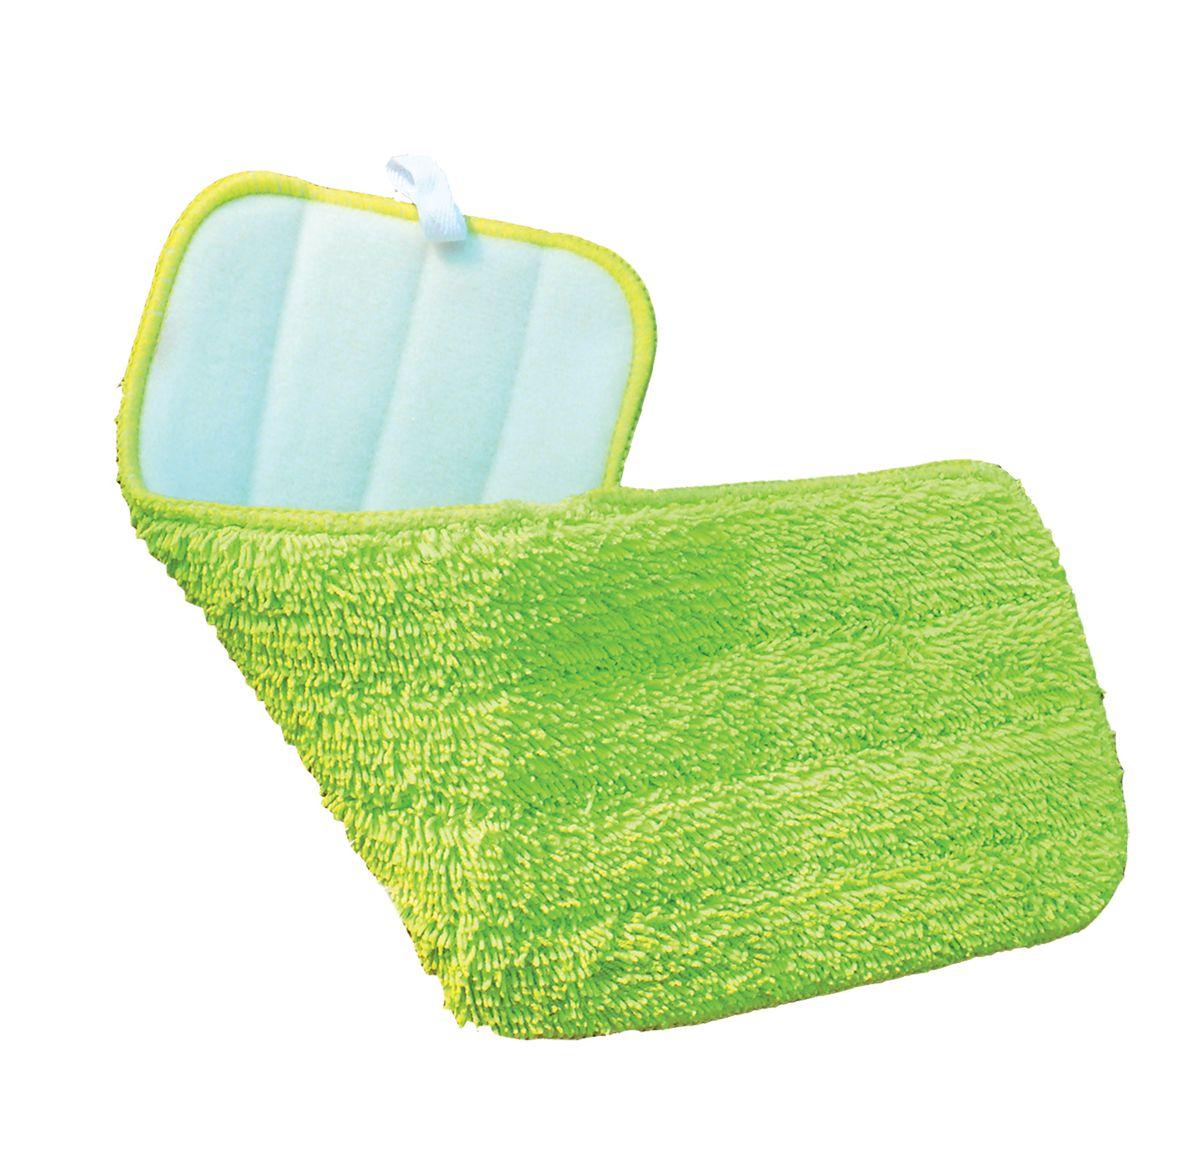 Насадка York Spray, для швабры с распылителем8123Насадка York Spray предназначена для плоского мопа с распылителем. Изготовлена из мягкой микрофибры, подходит для любых типов полов: ламинат, плитка, дерево, линолеум, паркет. Мягкий короткий ворс и высокое качество микрофибры обеспечивают идеальную уборку. Насадка крепится на рабочую поверхность швабры с липучкой.